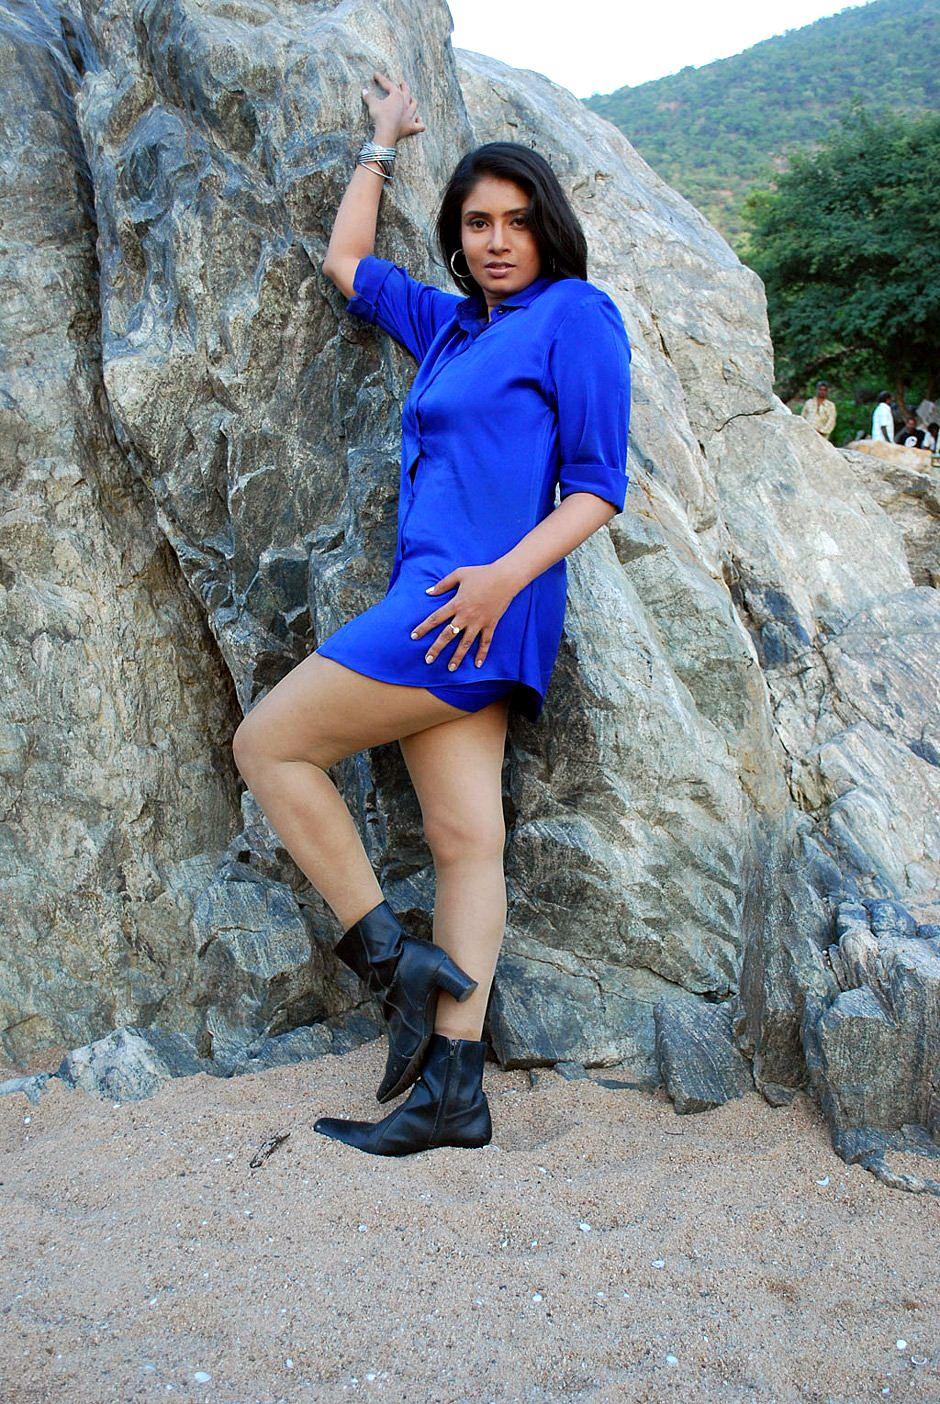 Actress sangavi nude pitchers, jailbait latin teens